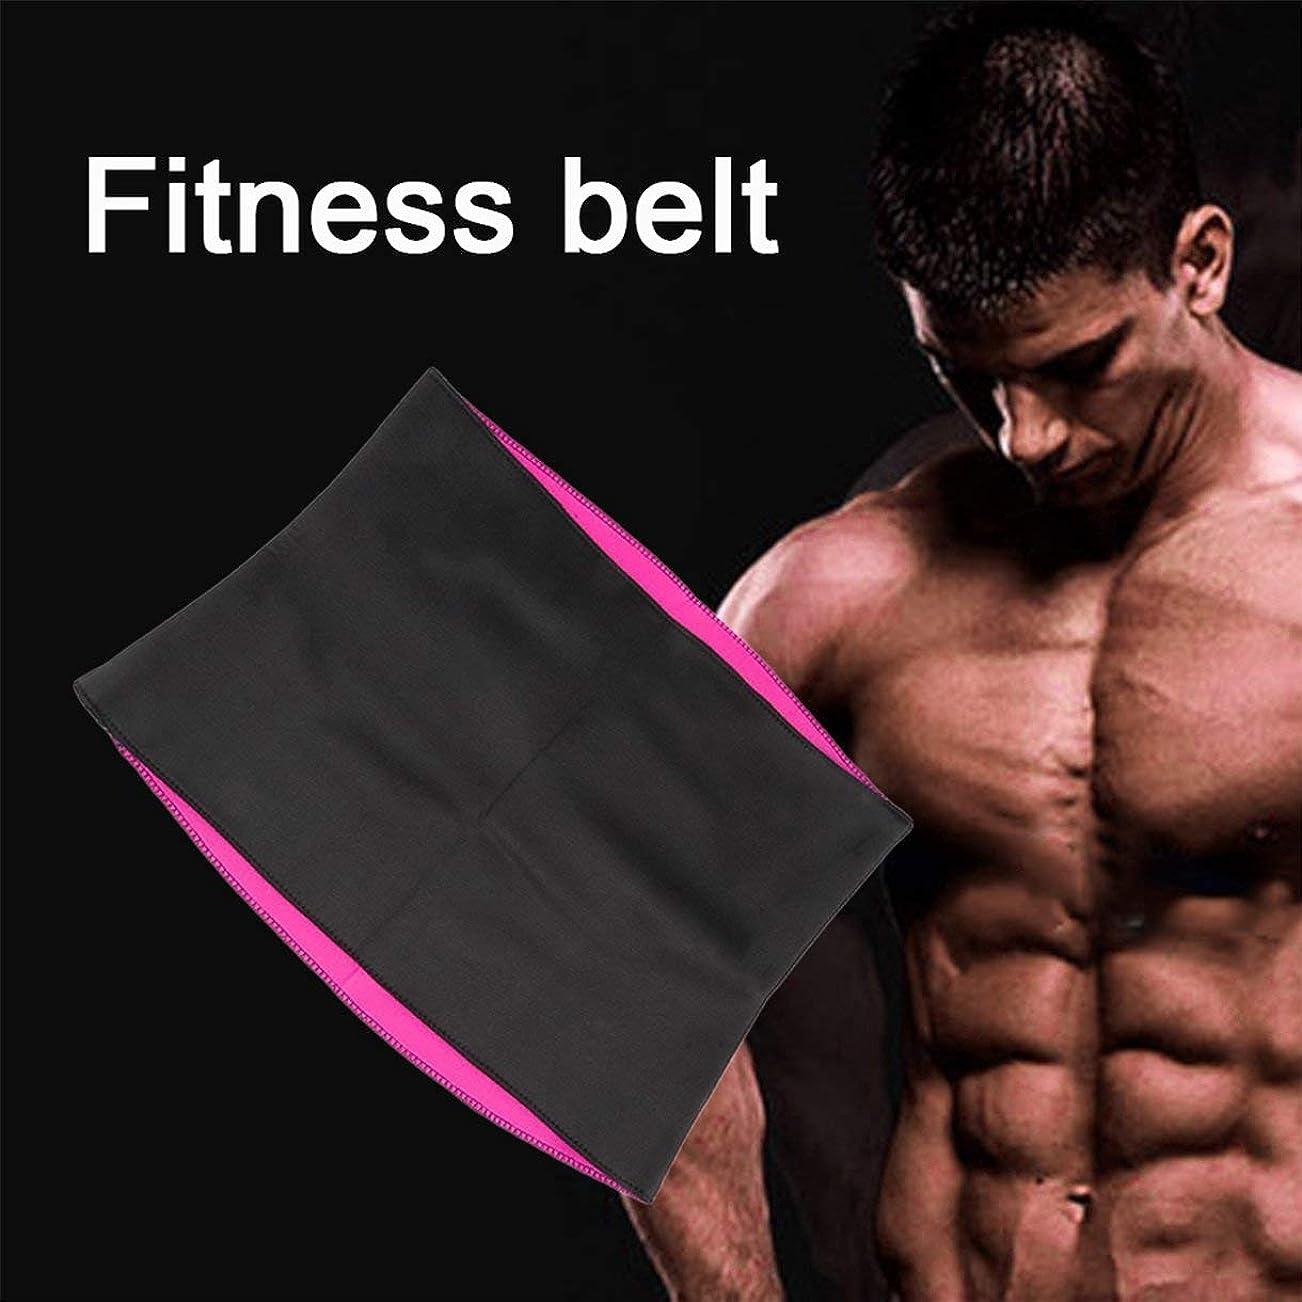 実現可能性学校教育アメリカWomen Adult Solid Neoprene Healthy Slimming Weight Loss Waist Belts Body Shaper Slimming Trainer Trimmer Corsets